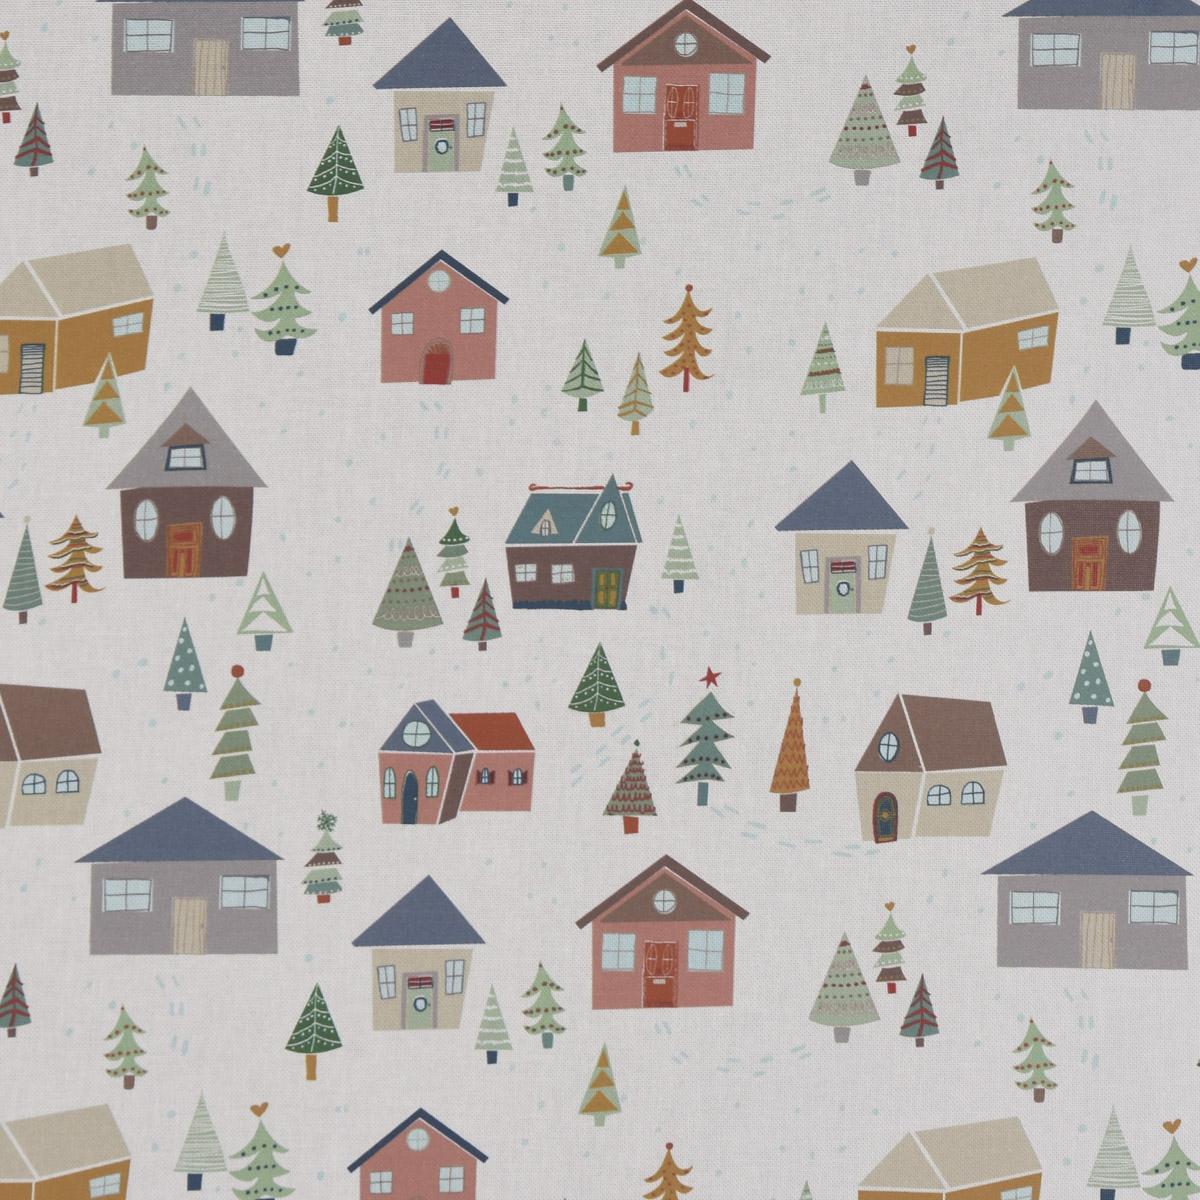 Panama Dekostoff Baumwollstoff Weihnachtsstoff Alpine Twilight Häuser Tannenbäume ecru bunt 140cm Breite